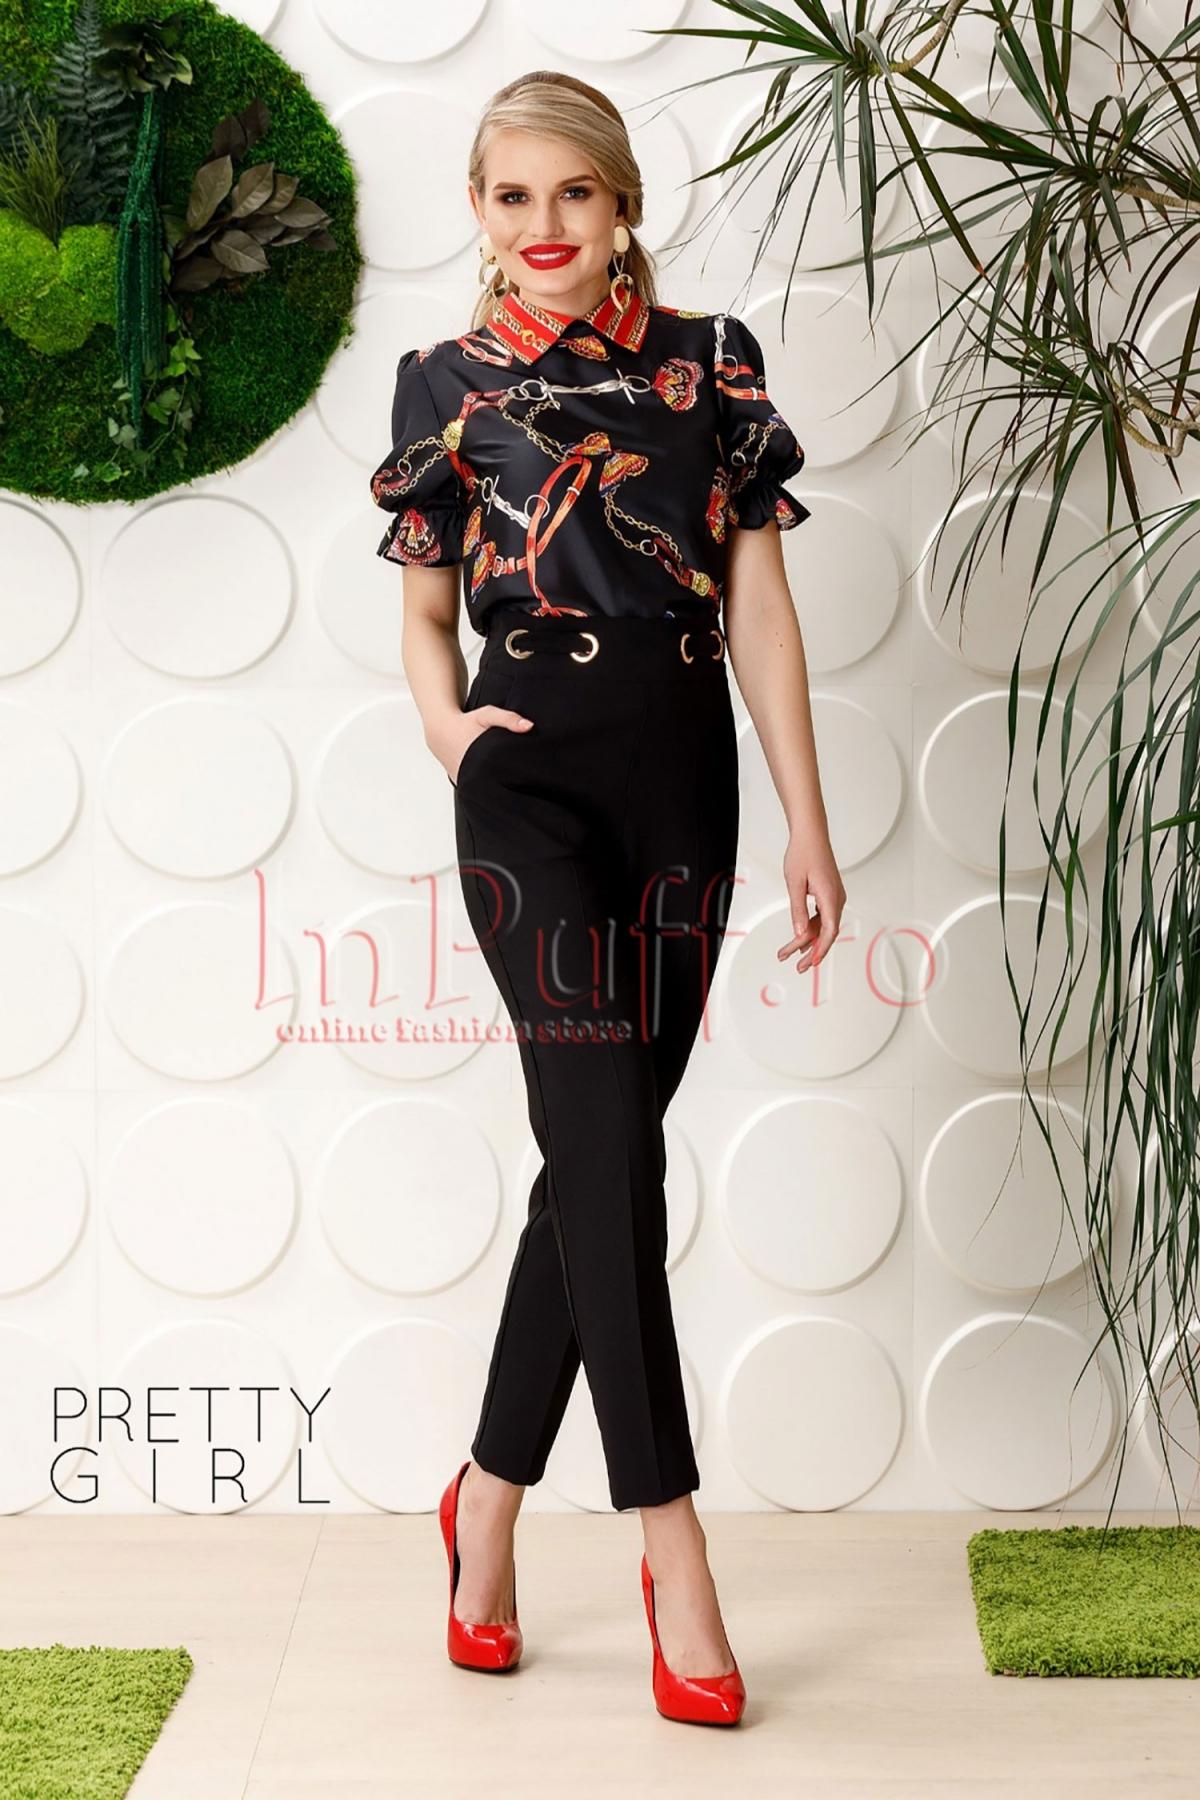 Bluza Pretty neagra cu imprimeu